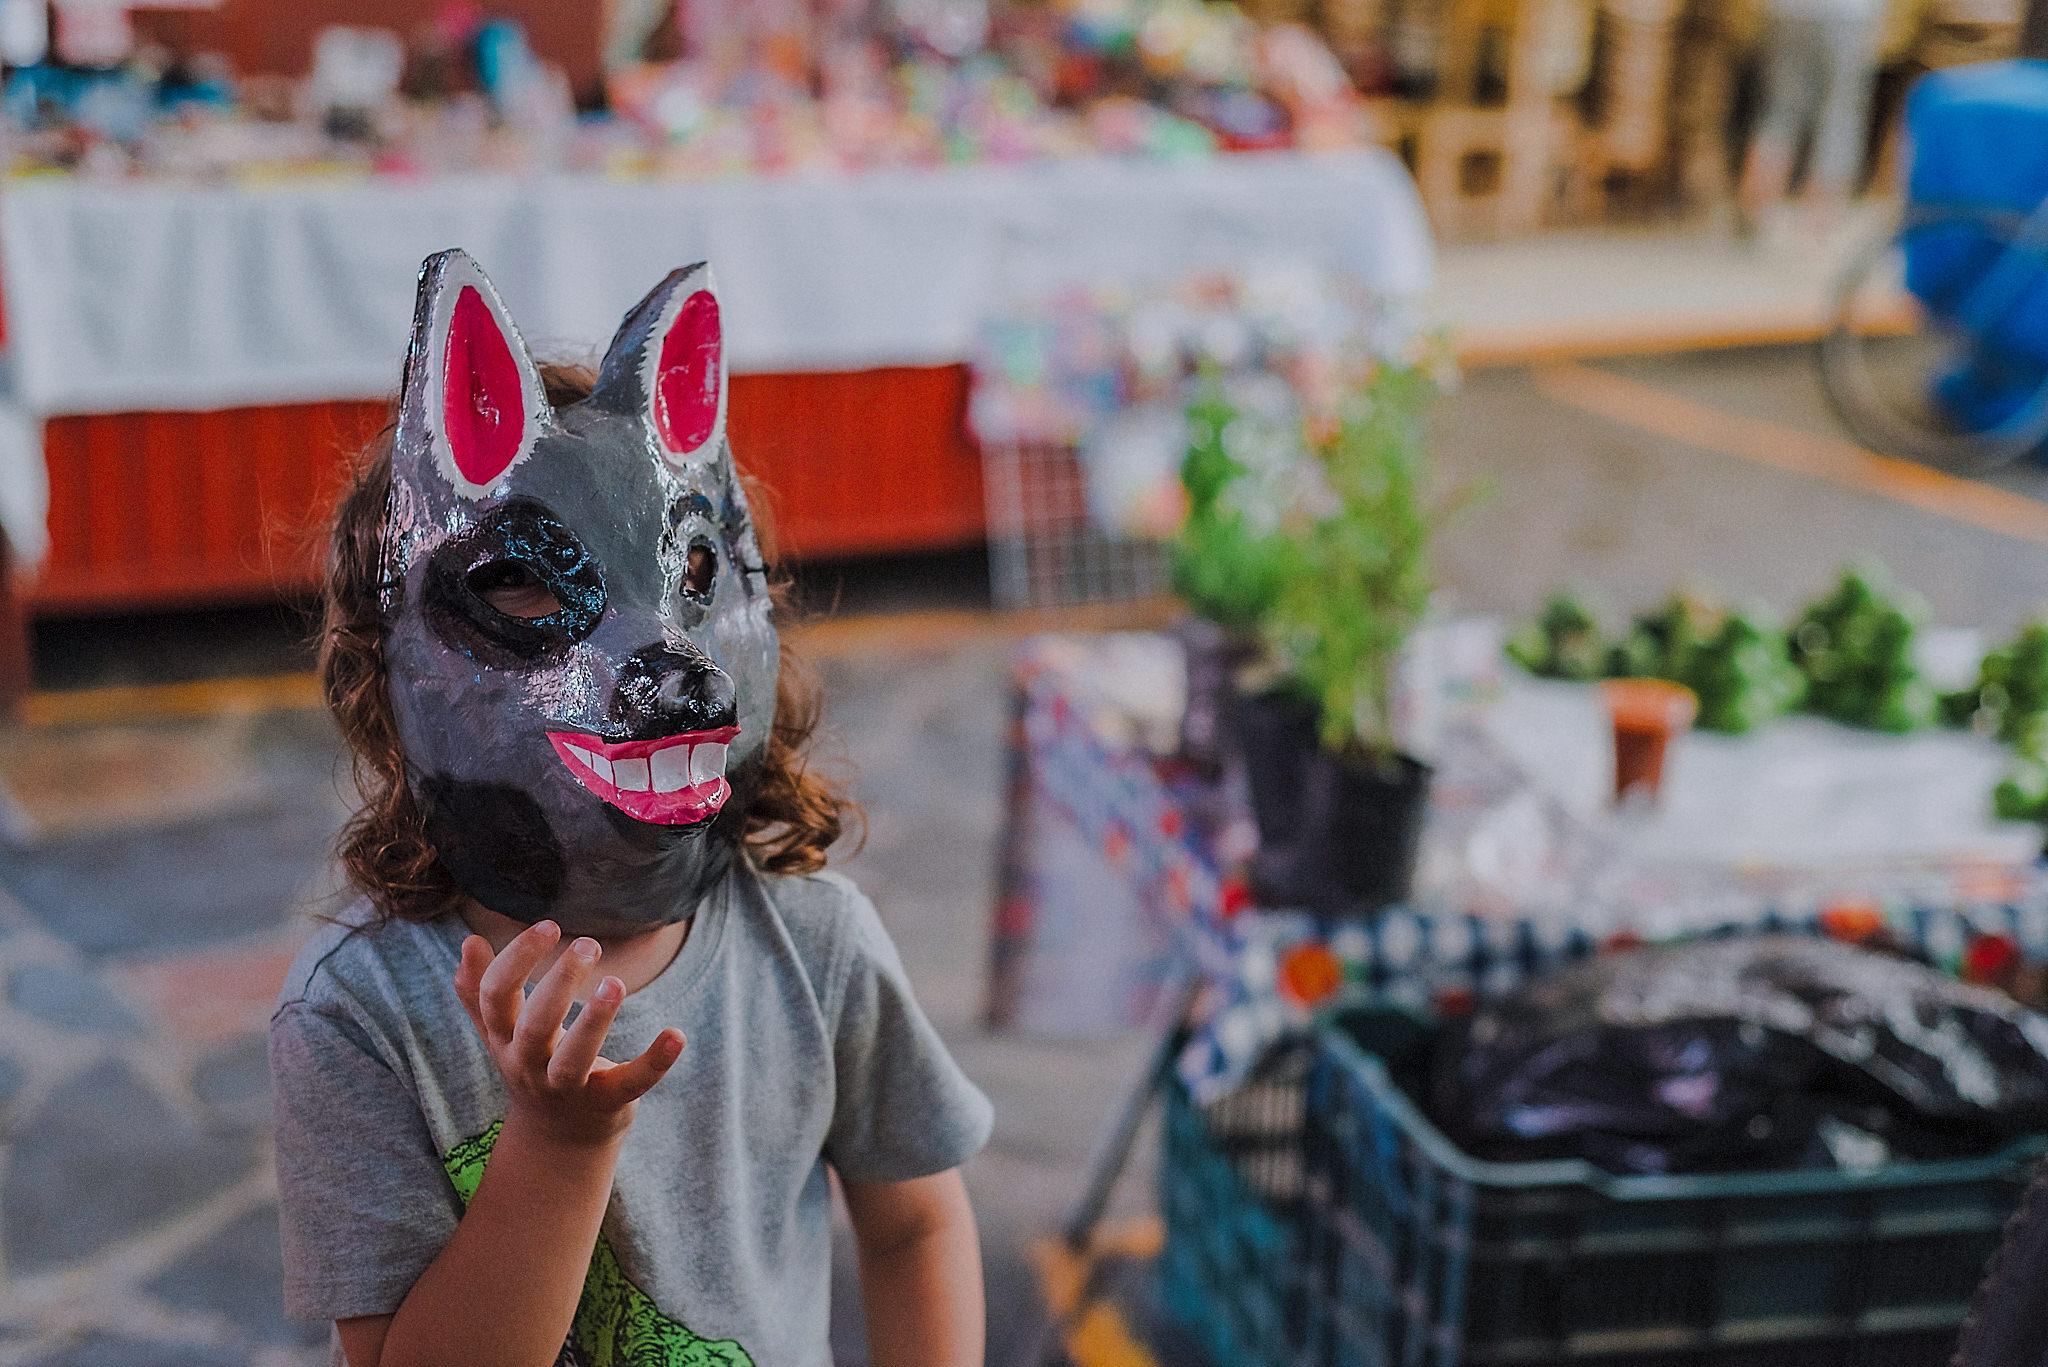 Una de las máscaras artesanales en el mercado Ignacio Ramírez de San Miguel de Allende.